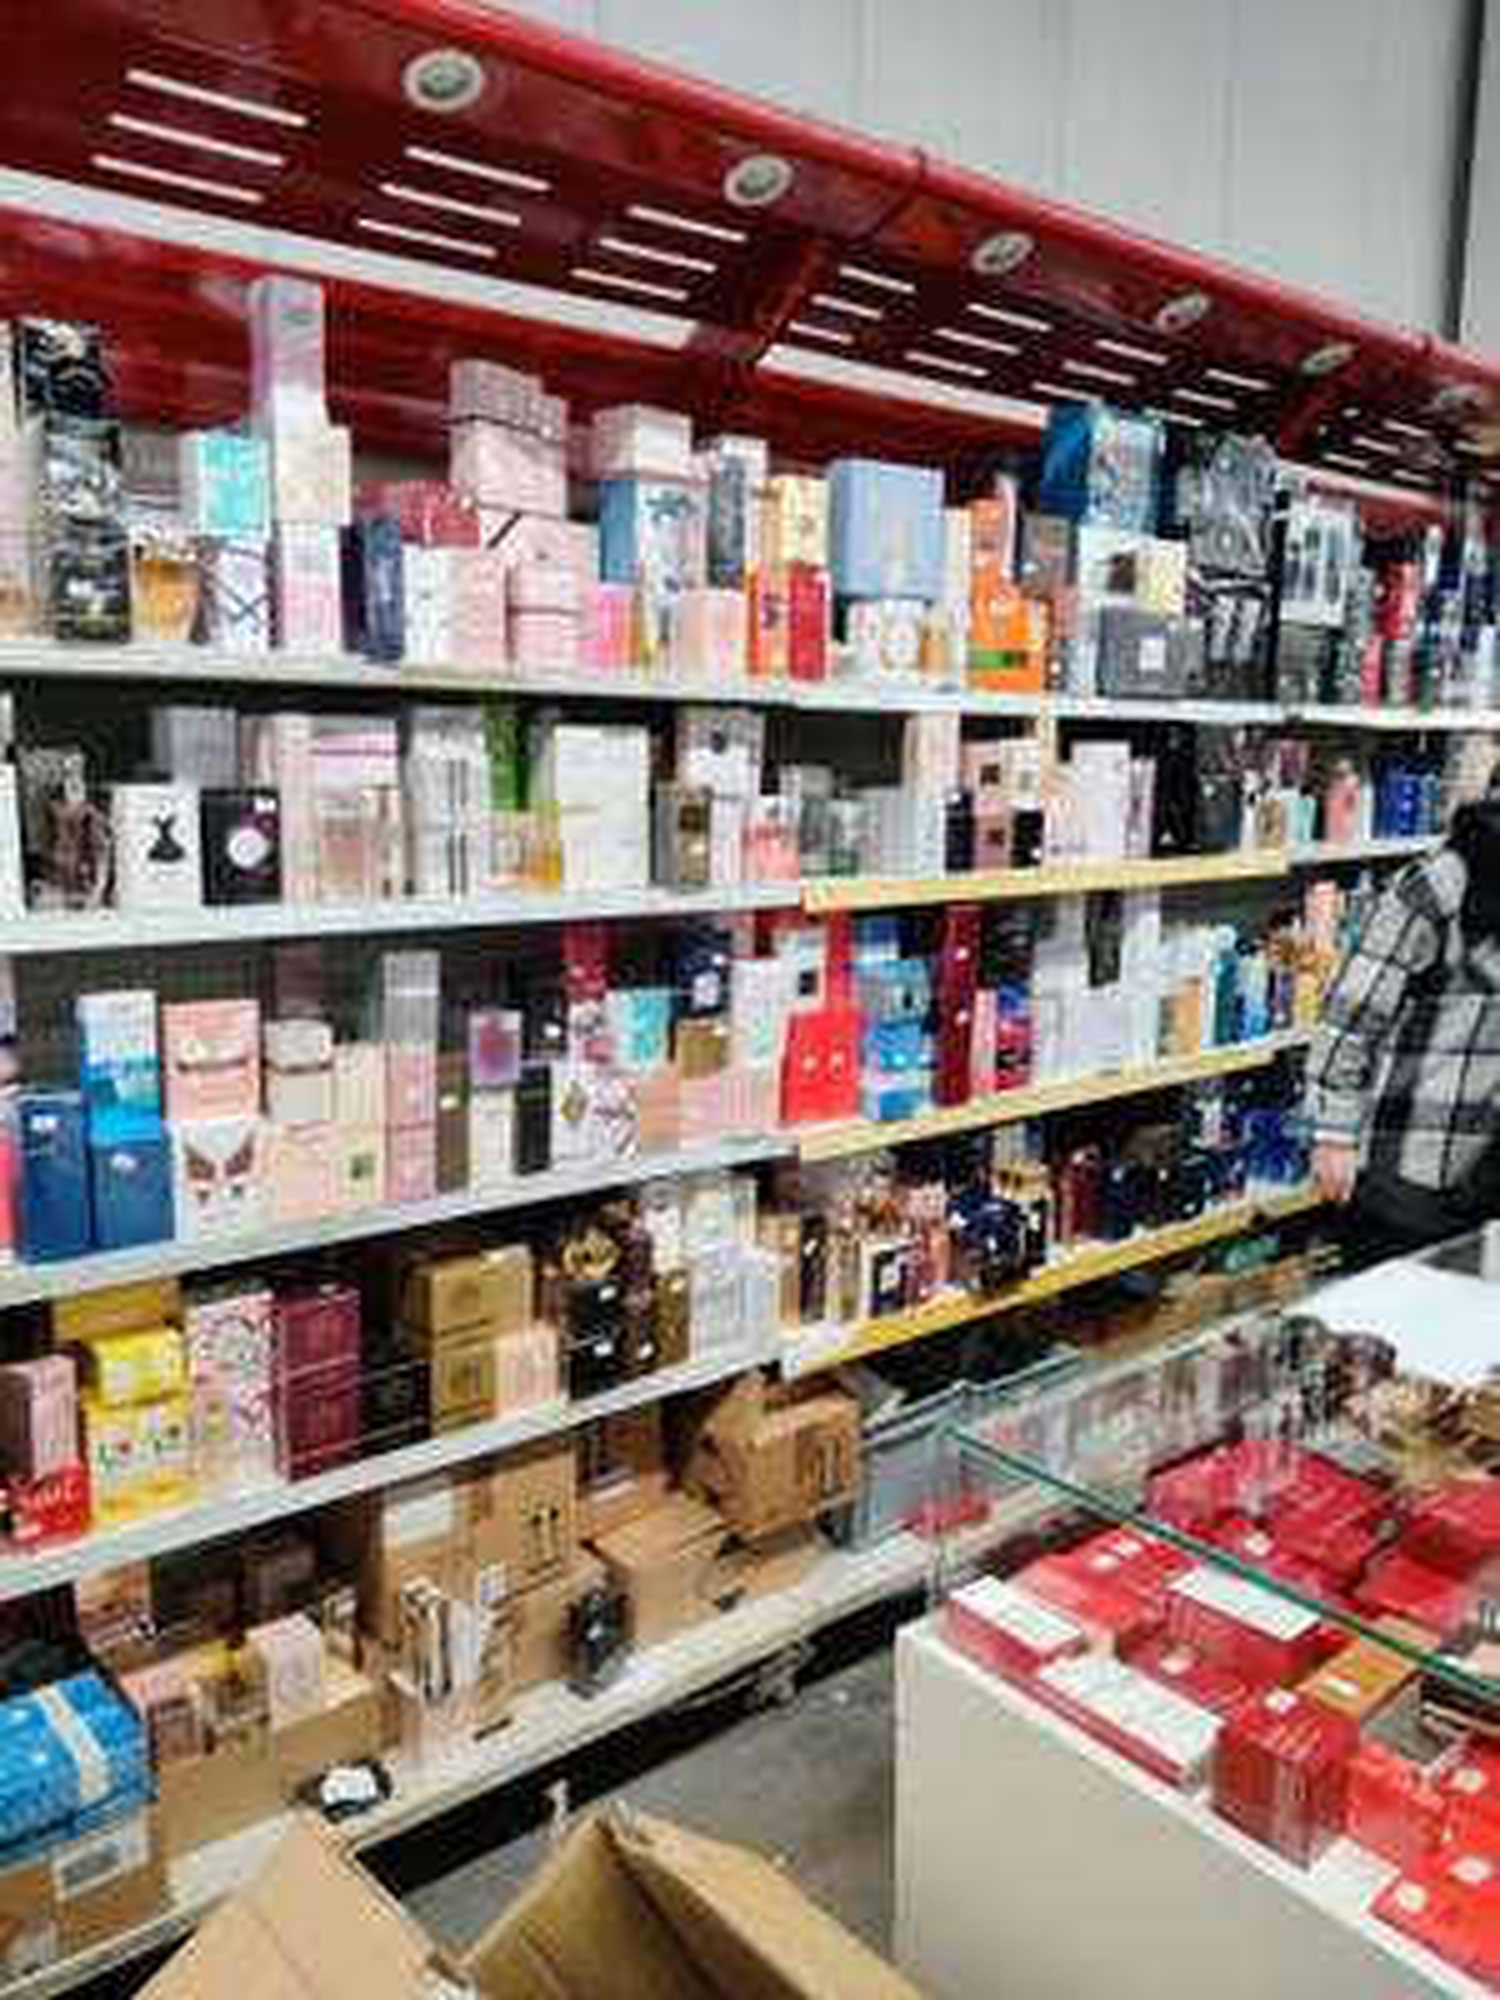 50% de réduction sur tous les parfums Femme & Homme et sur maquillage - Ex: Guerlain Terracota (Épône - 78)